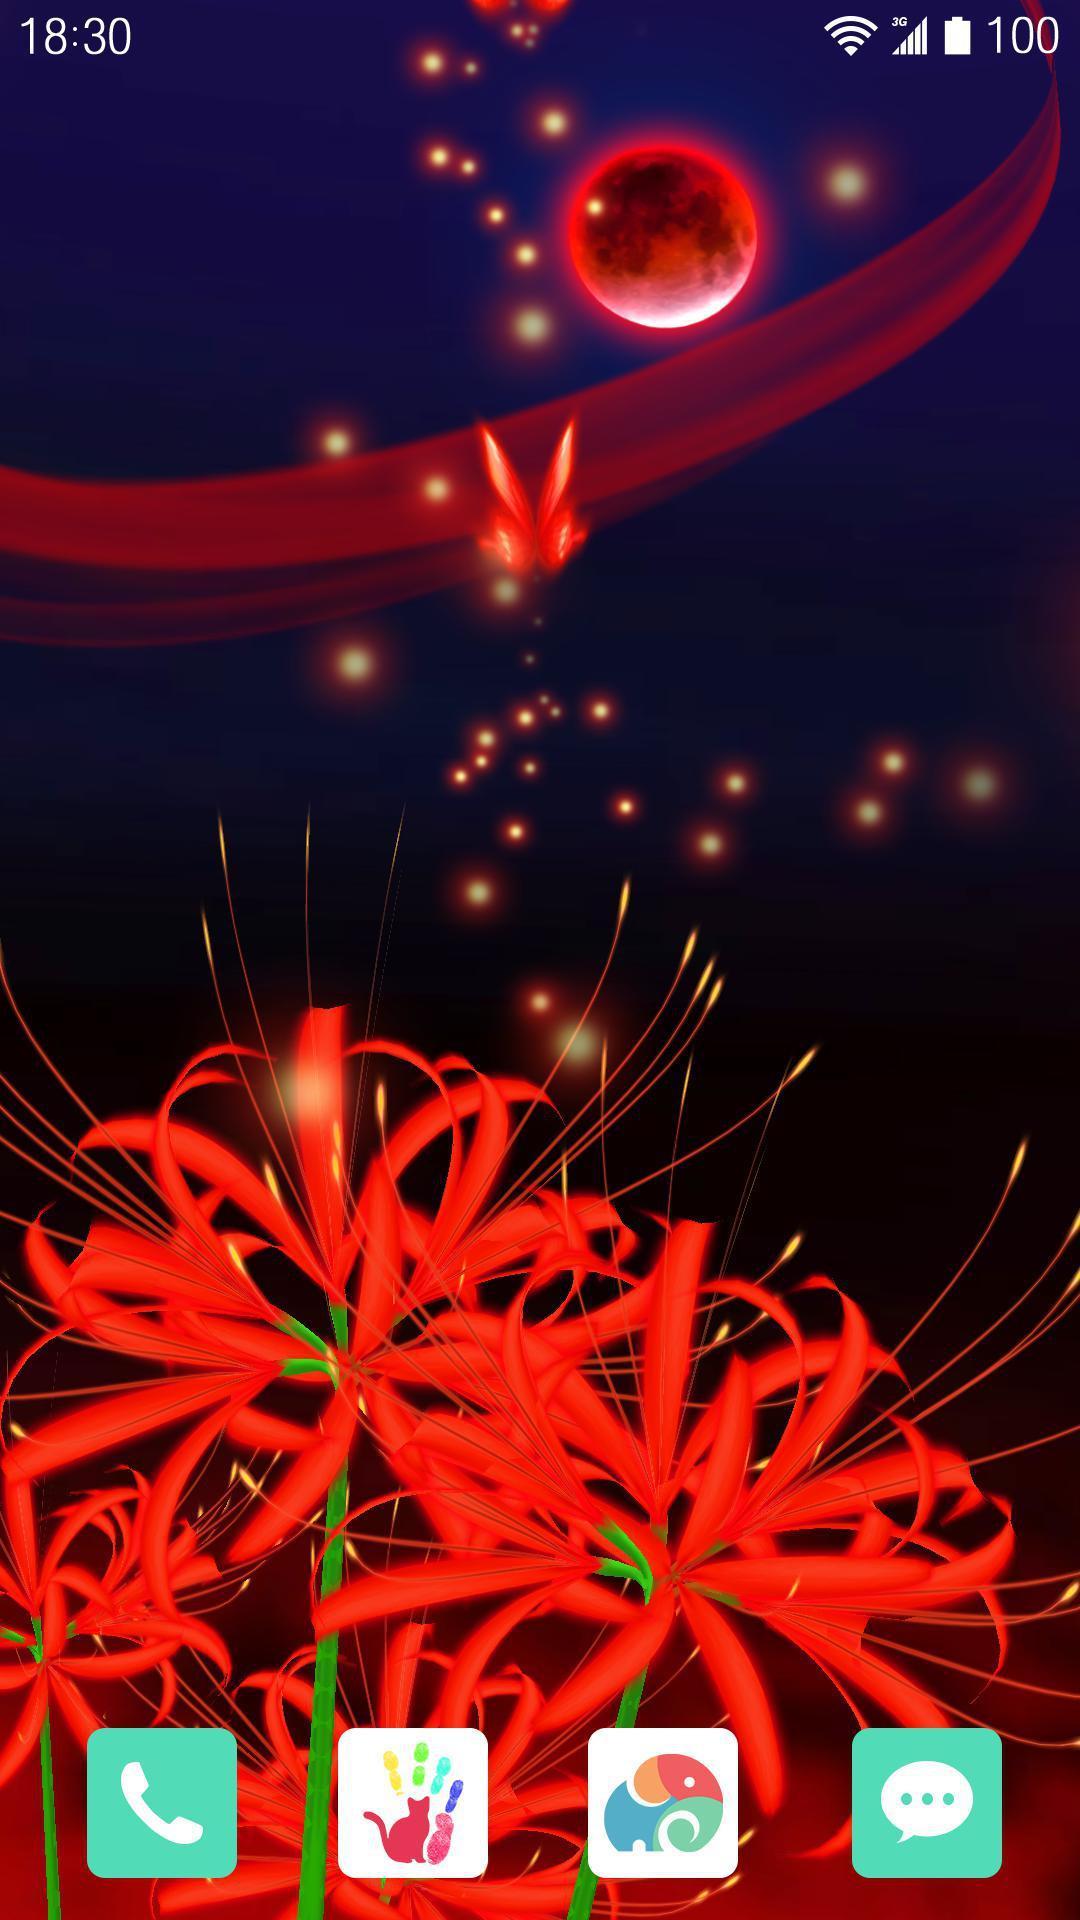 3D红蝶-梦象动态壁纸